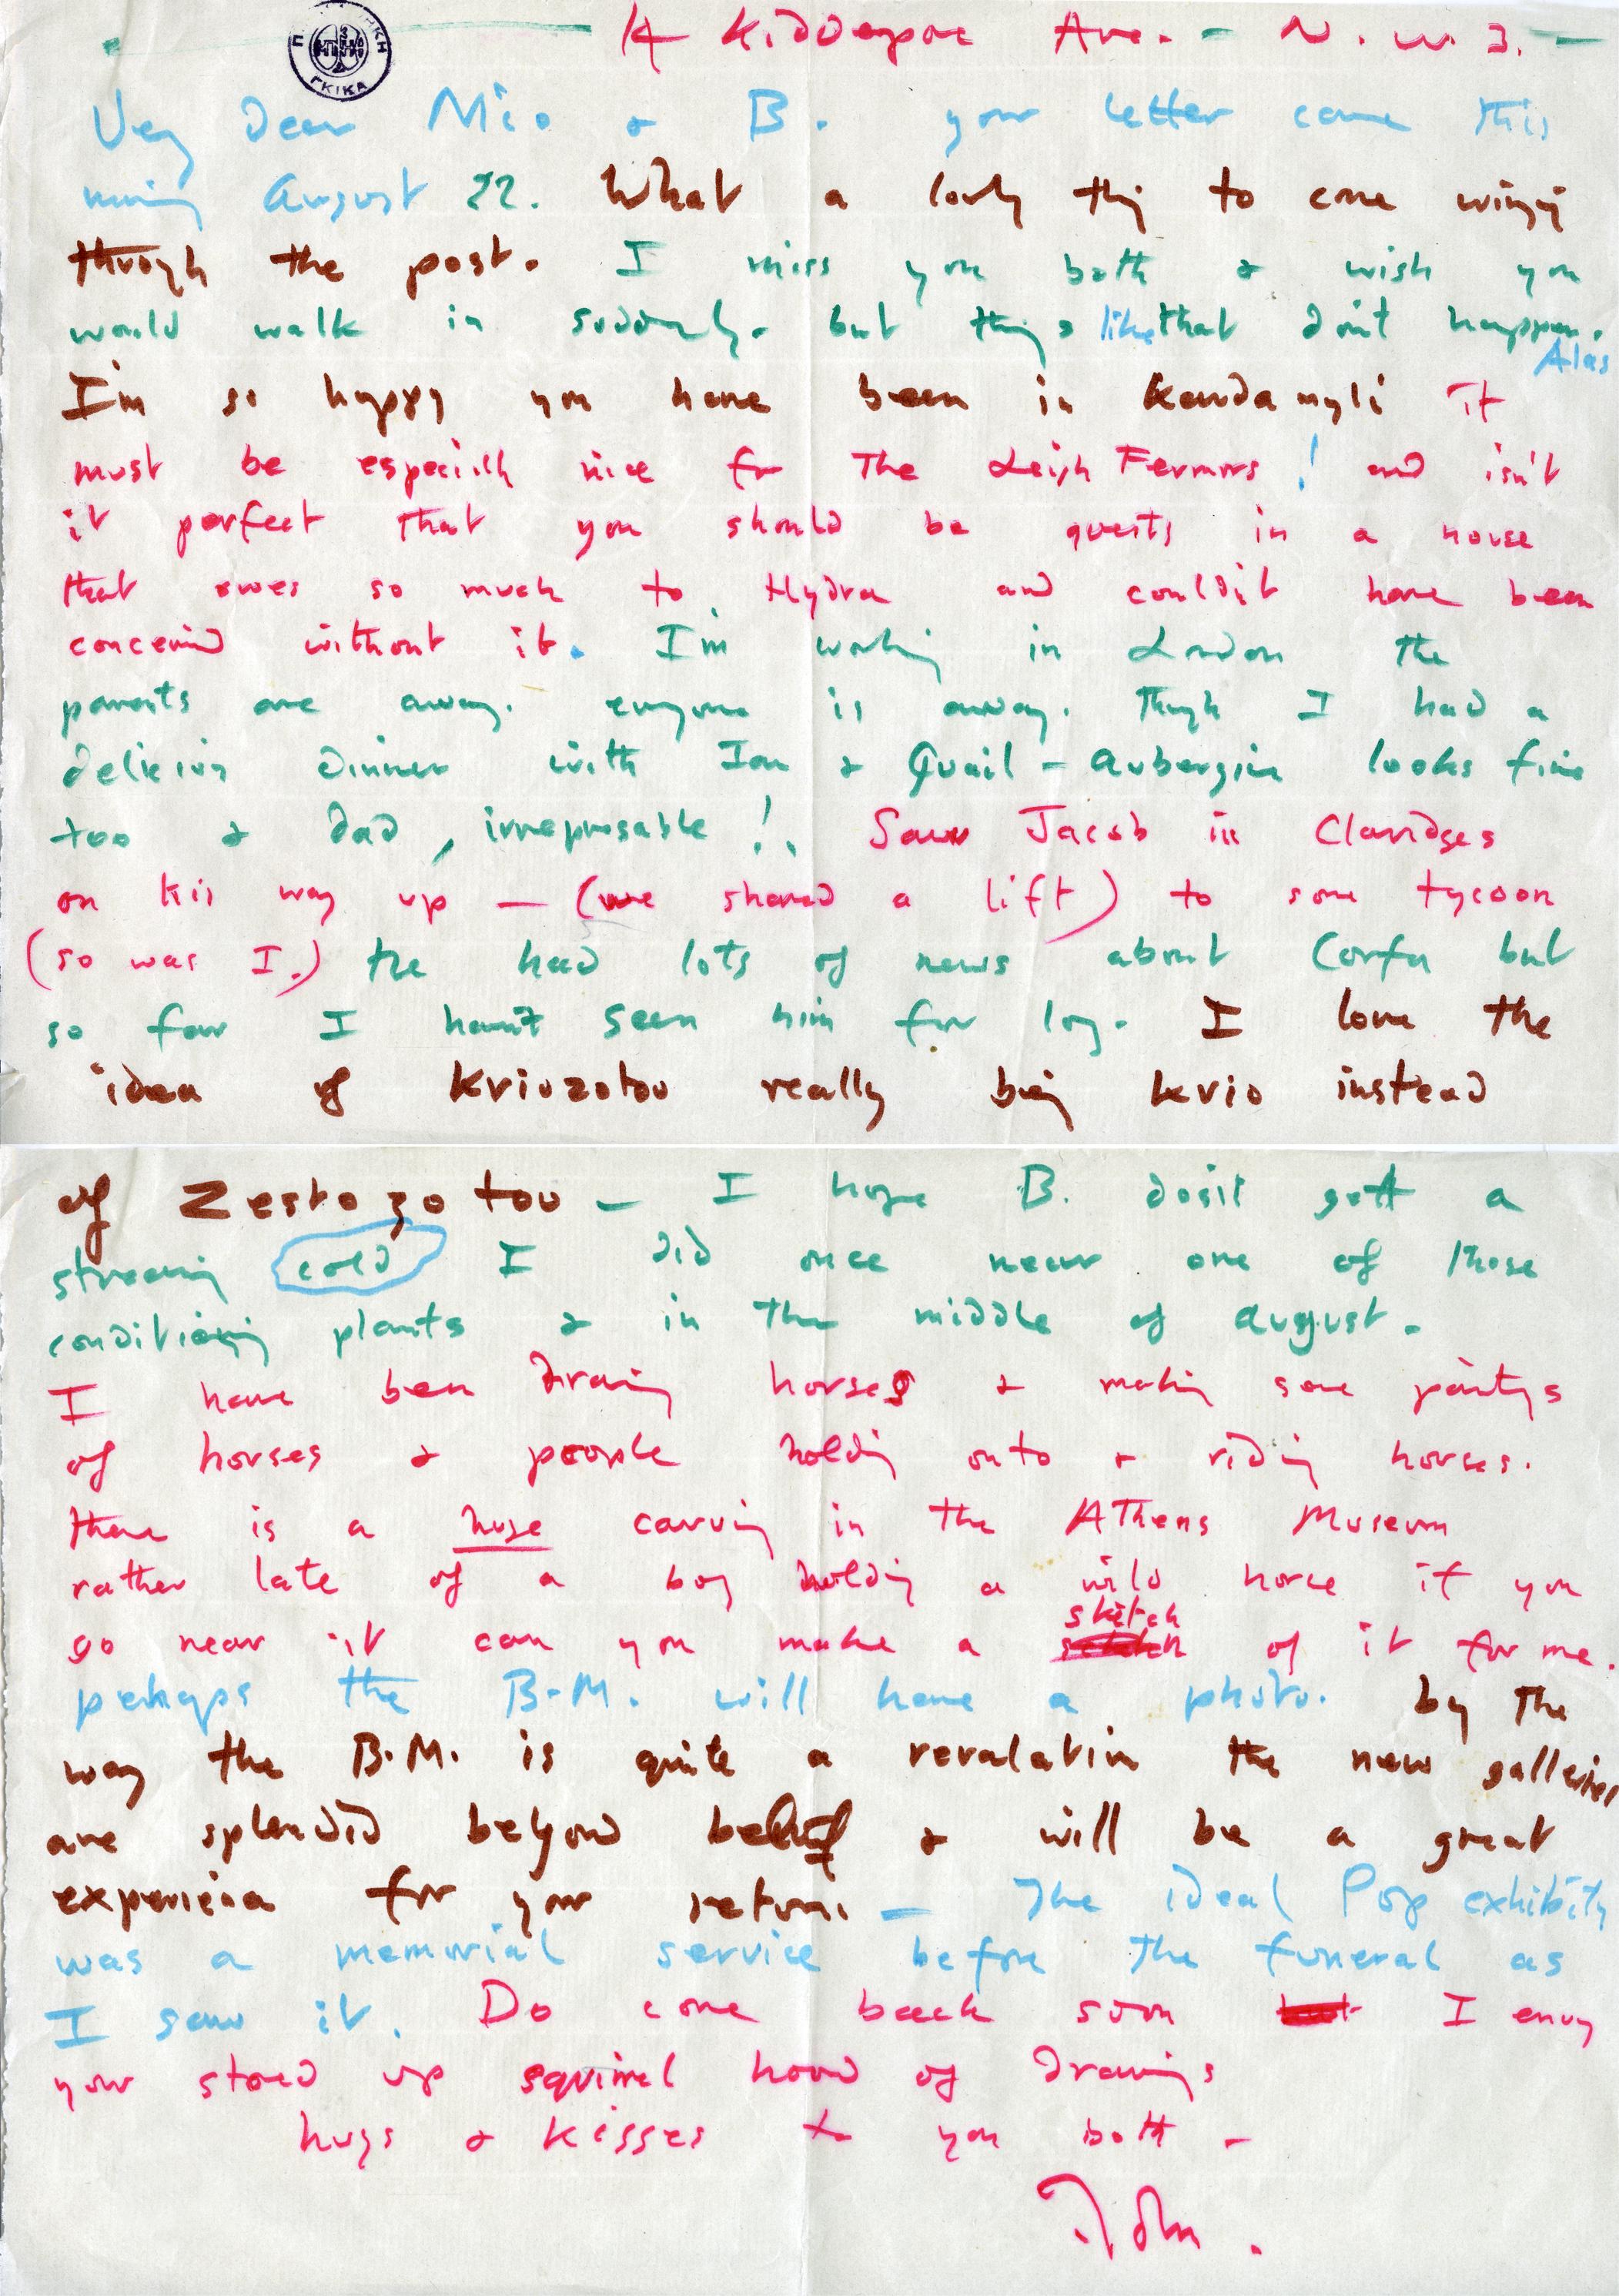 Επιστολή του John Craxton από Λονδίνο στους Γκίκα, που φιλοξενούνται στο σπίτι Των Leigh Fermor στην Καρδαμύλη, μέσα δεκαετίας '60 Μουσείο Μπενάκη – Πινακοθήκη Γκίκα, Αρχείο Εγγράφων